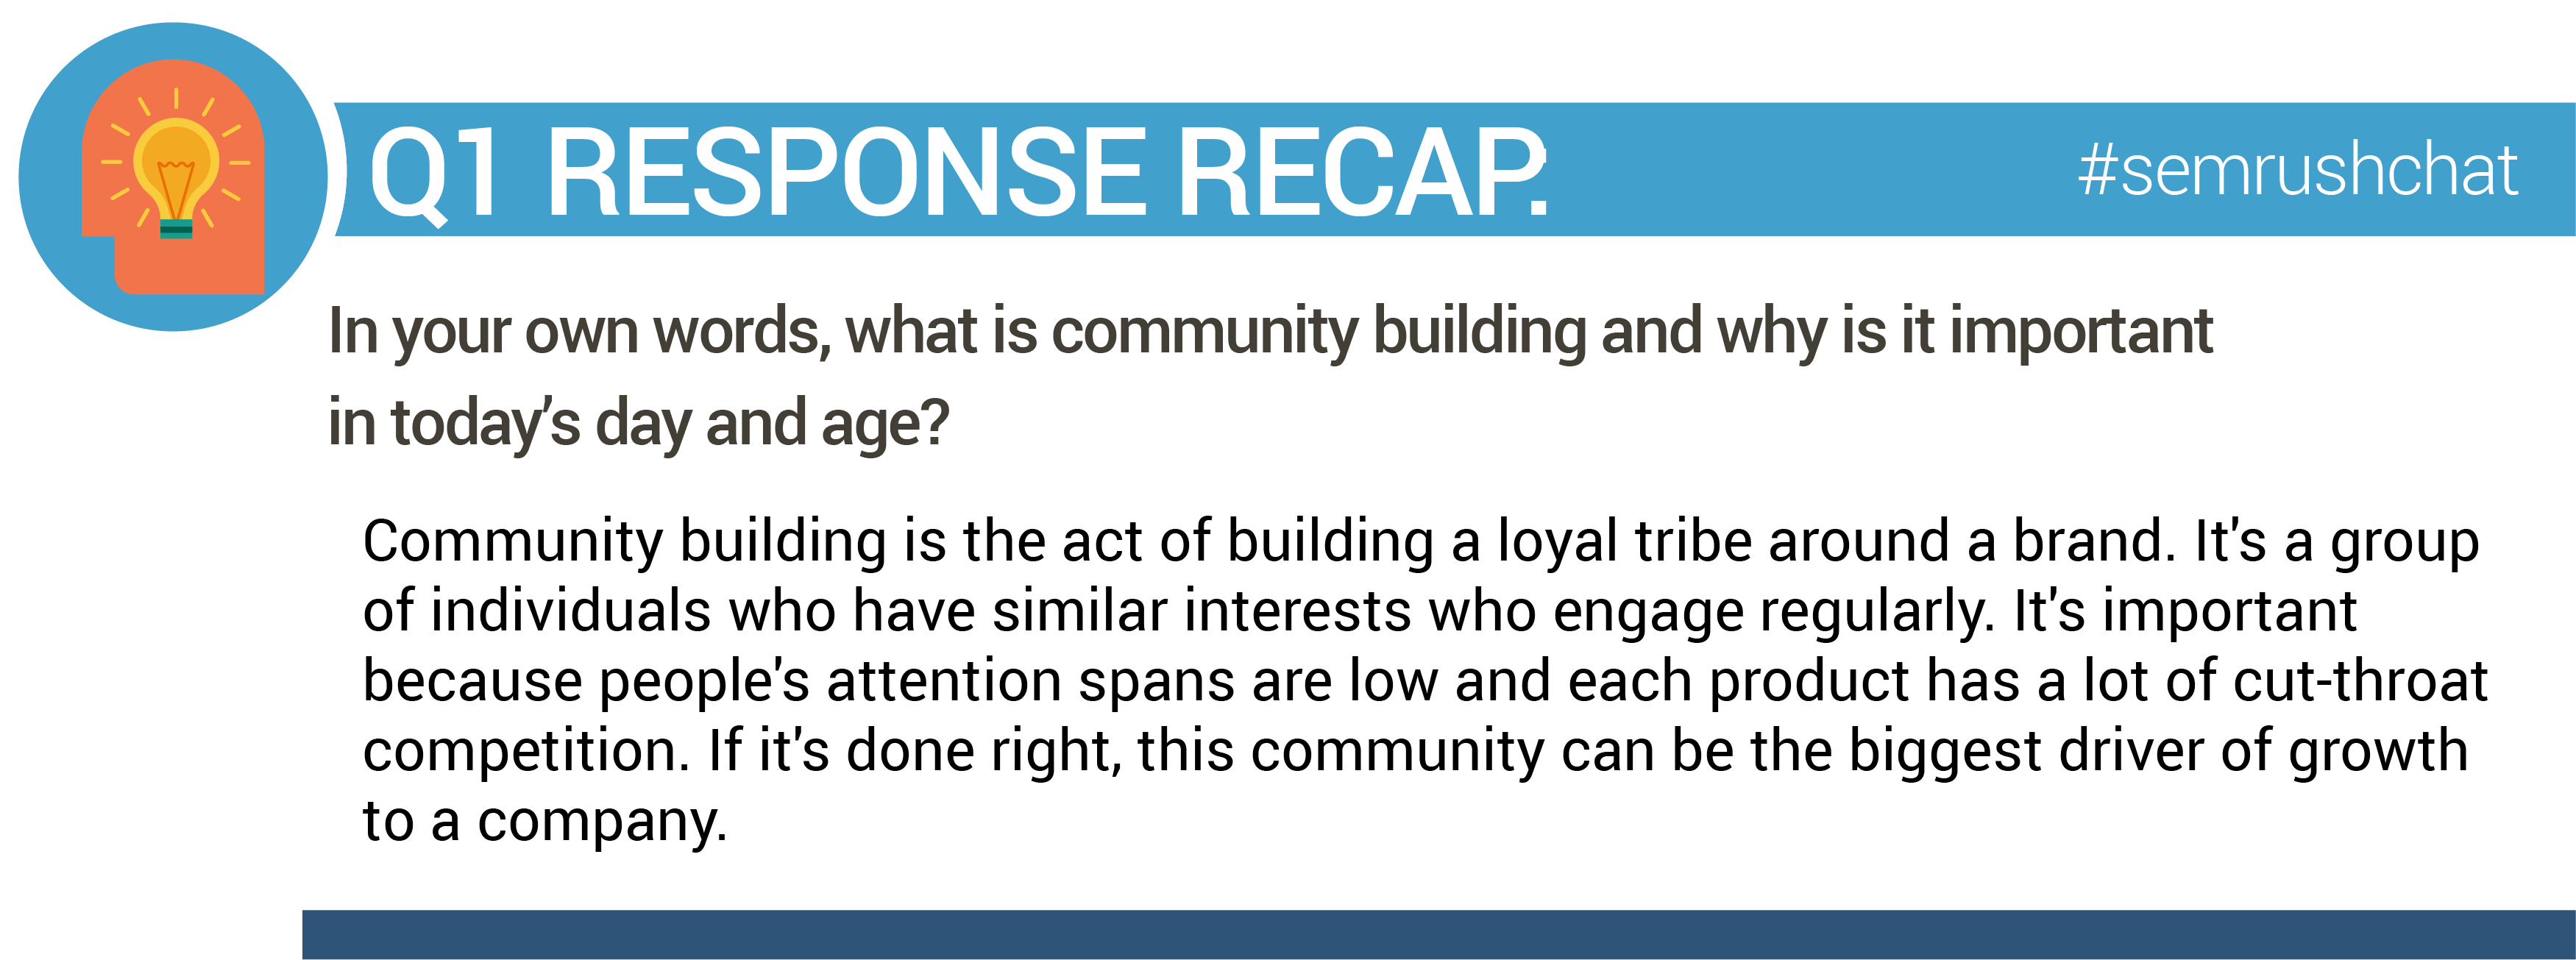 chat-recap-q1-response.png